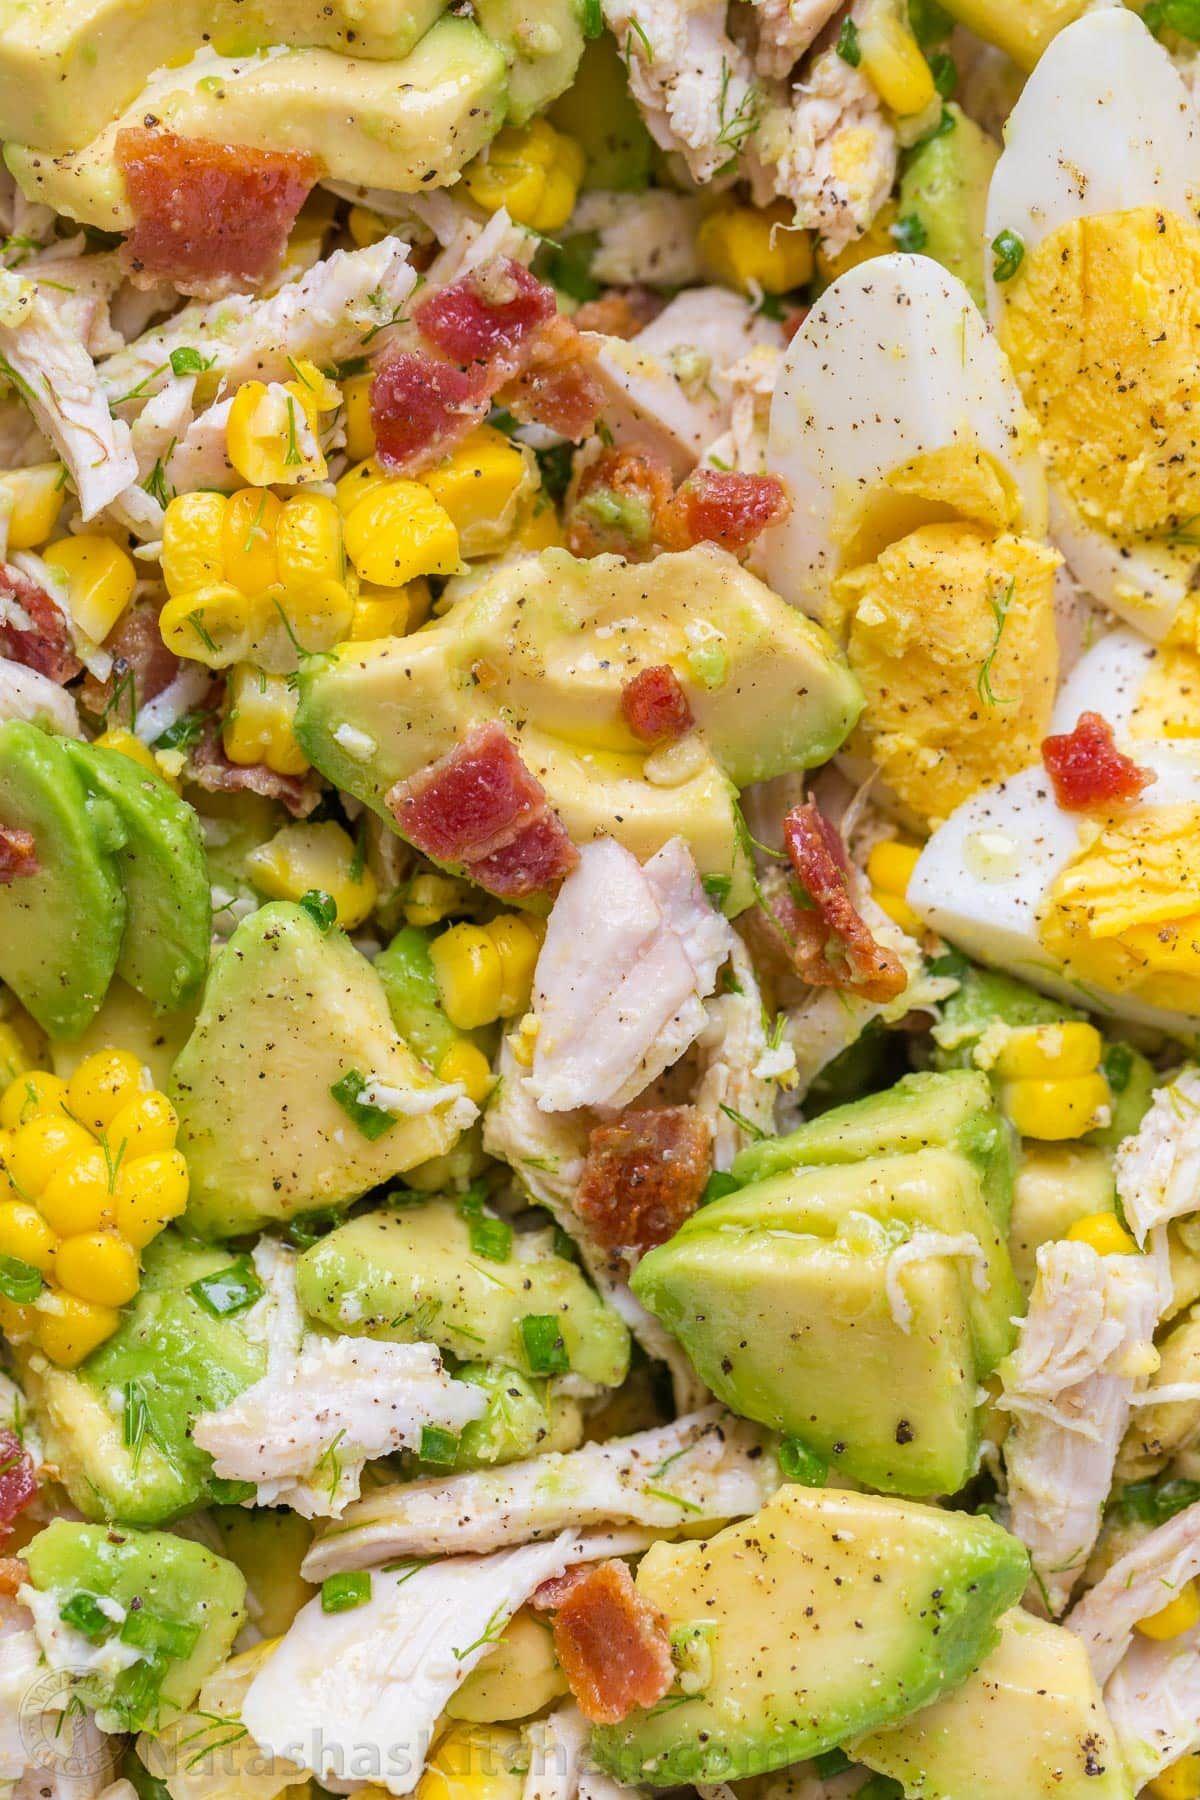 Avocado Chicken Salad Recipe Chicken Salad Recipes Avocado